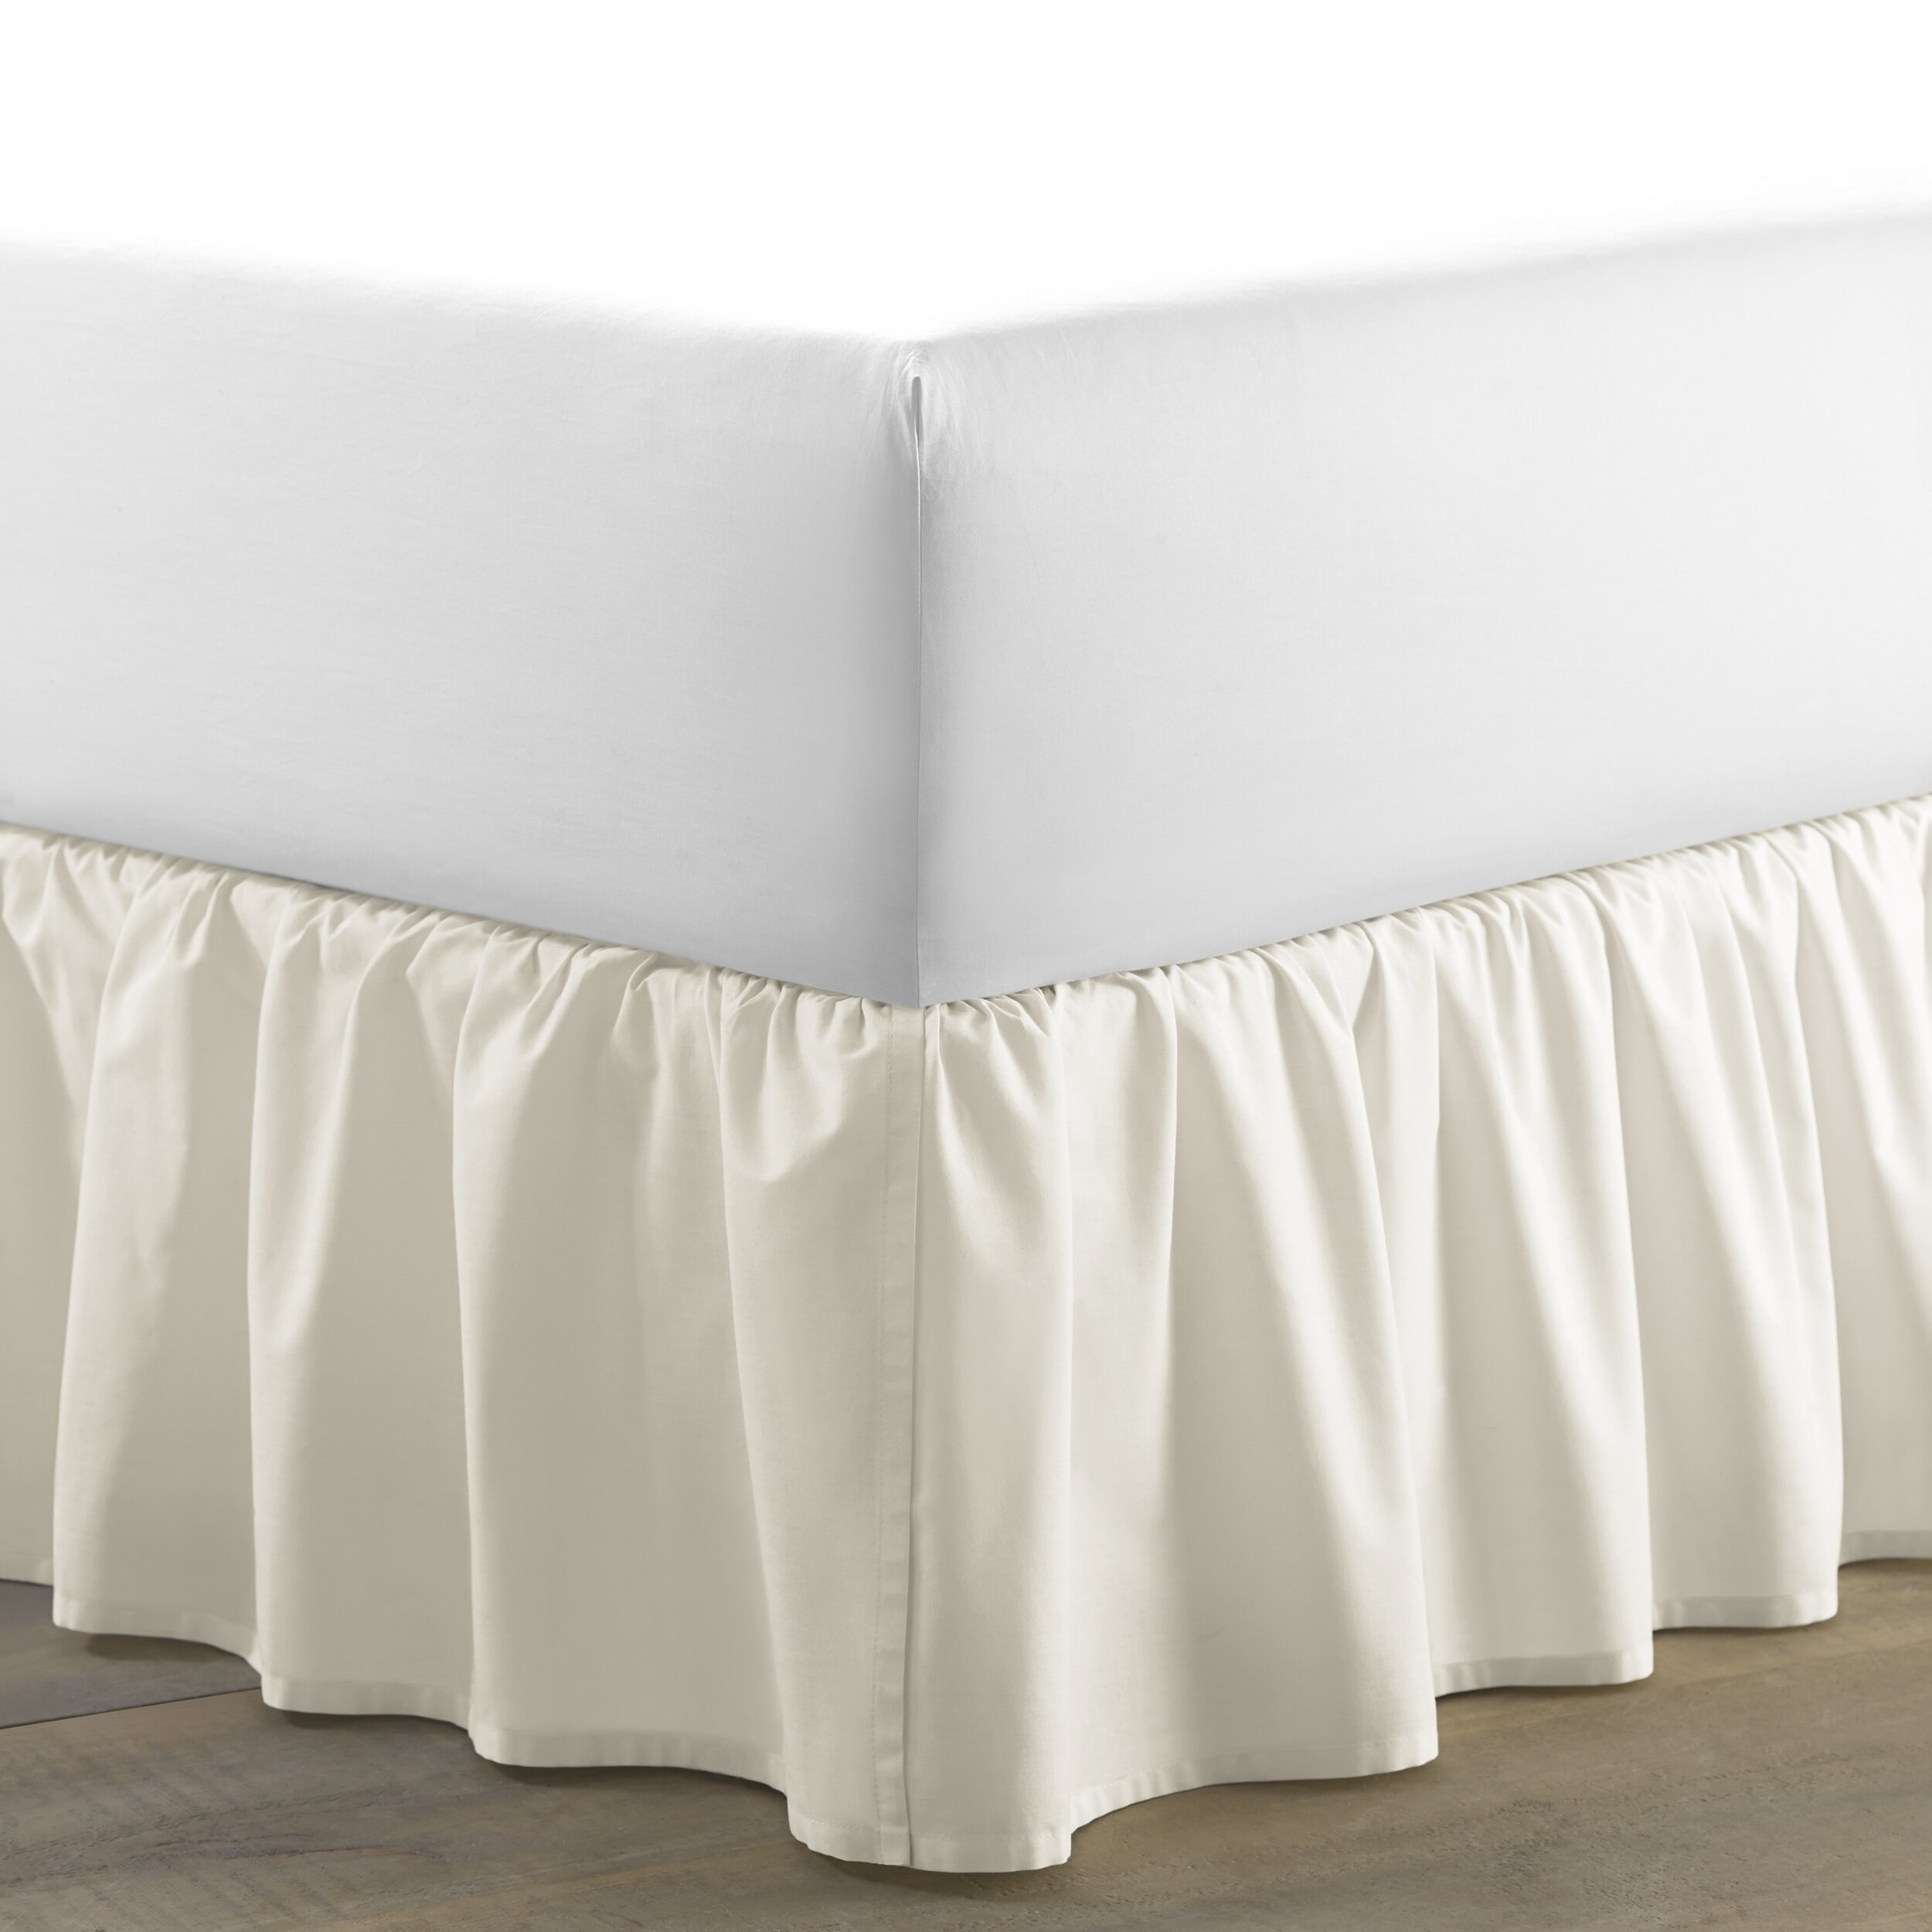 Ruffled Bed Skirt 84